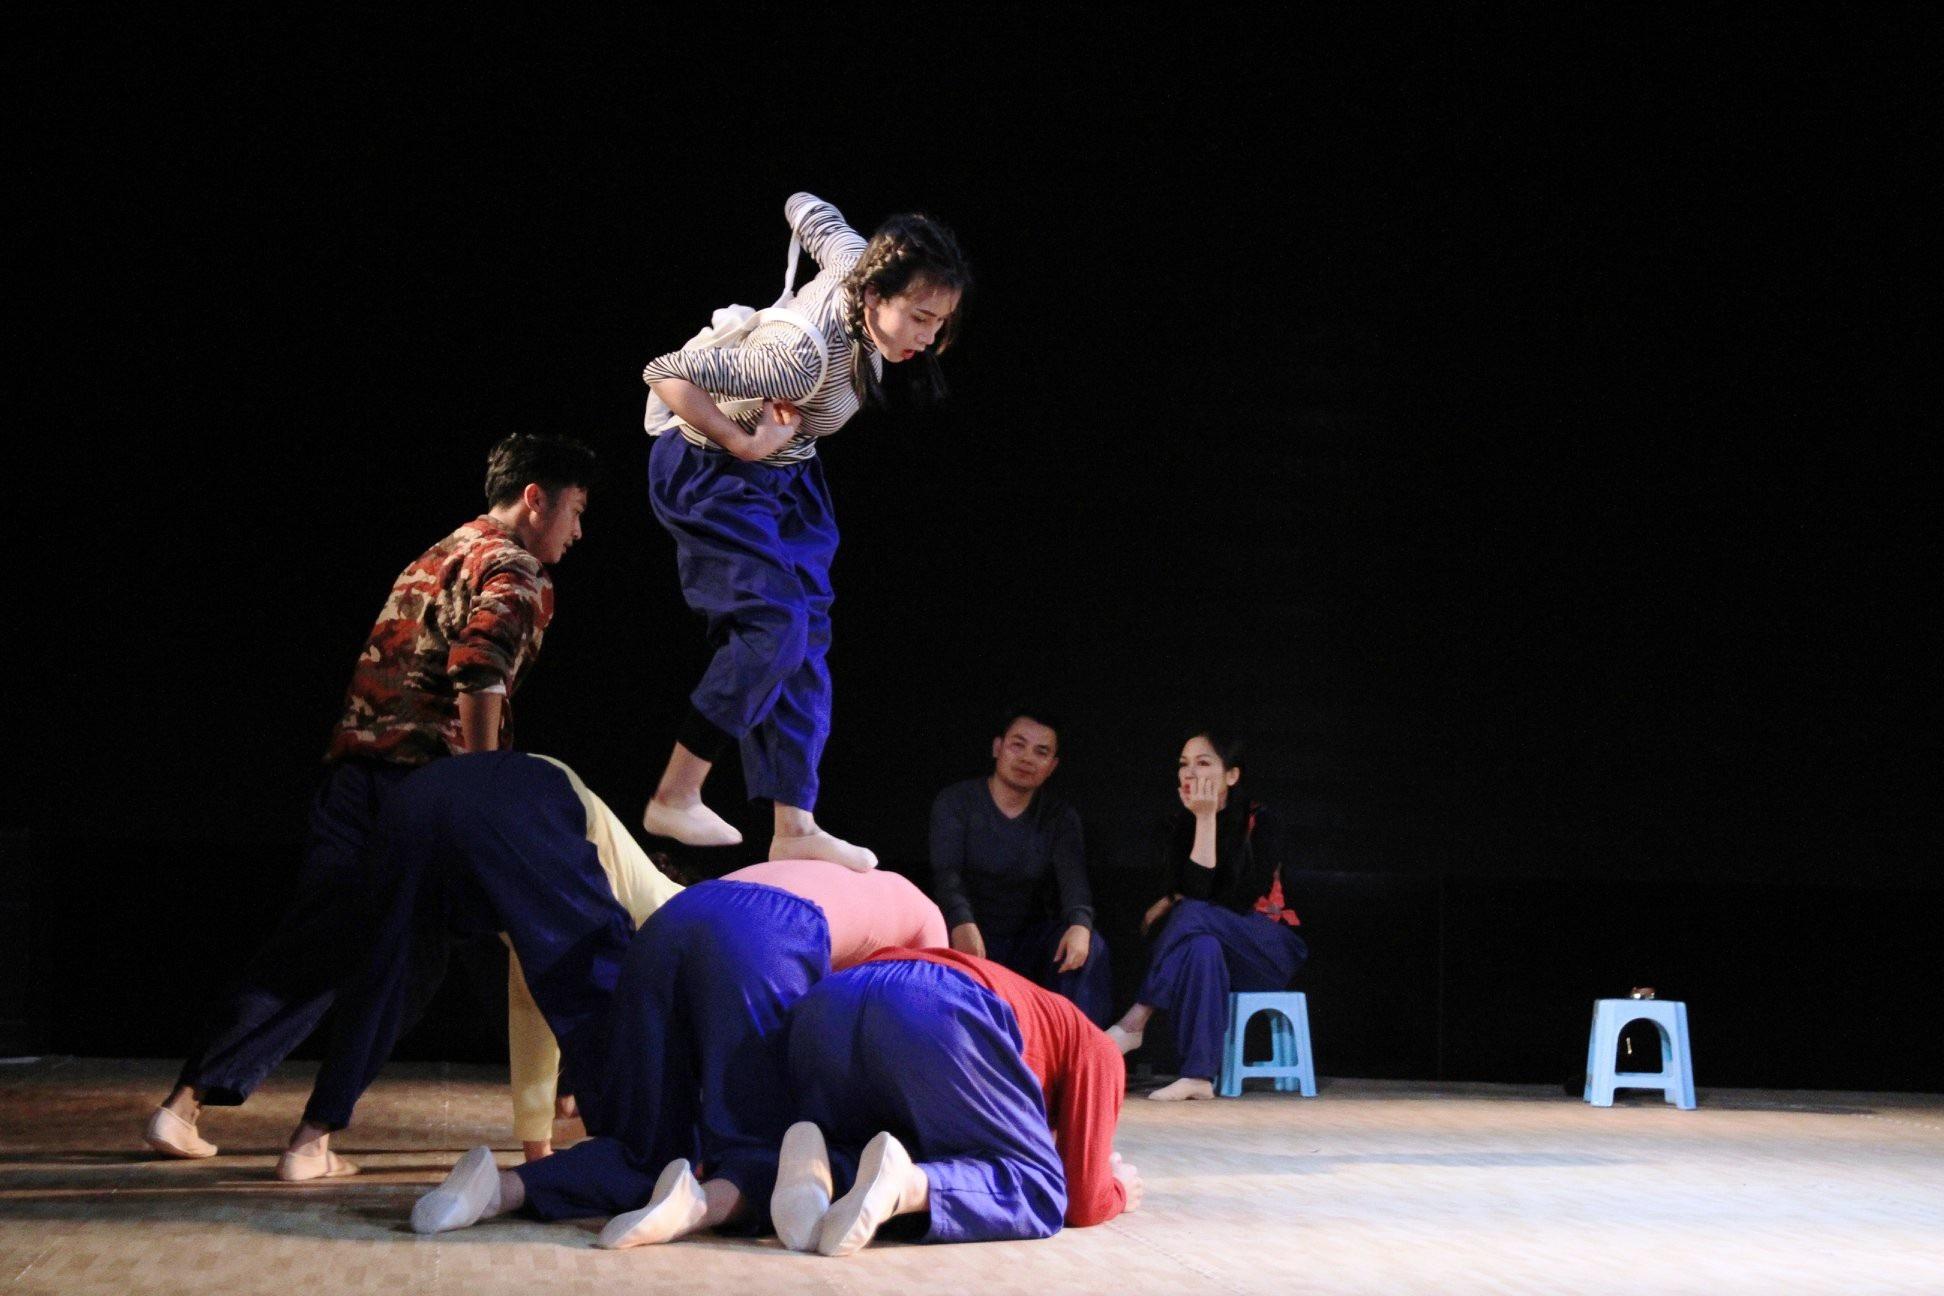 Công diễn vở kịch cuối cùng còn dang dở của NSND Anh Tú - Ảnh 3.